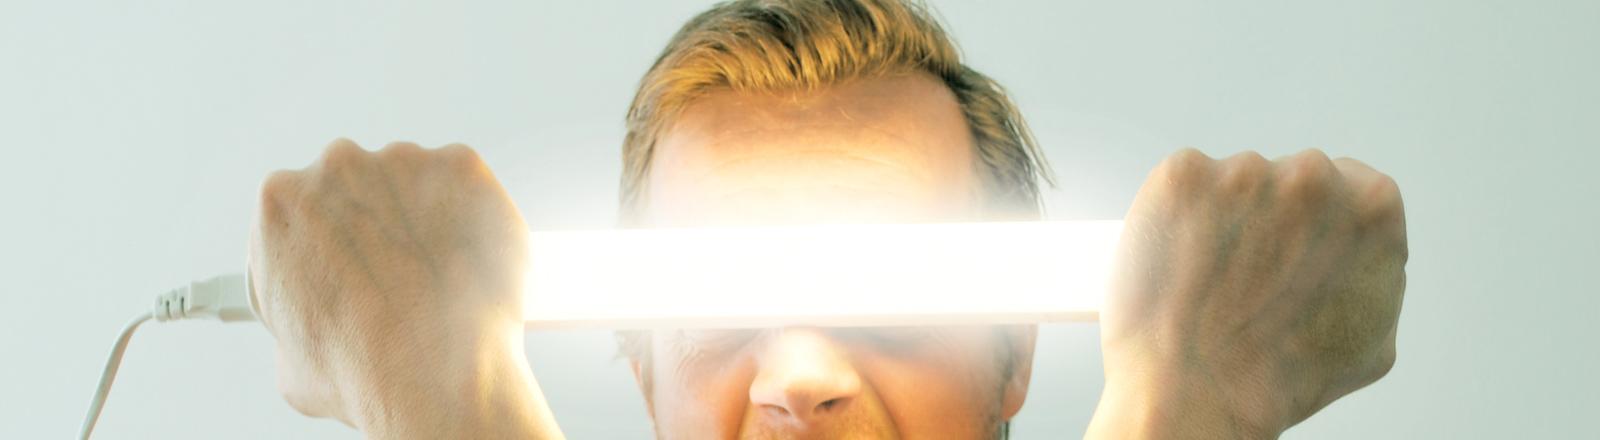 Die Macht der Gedanken... Ein Mann hält sich eine Neonröhre vor die Augen.